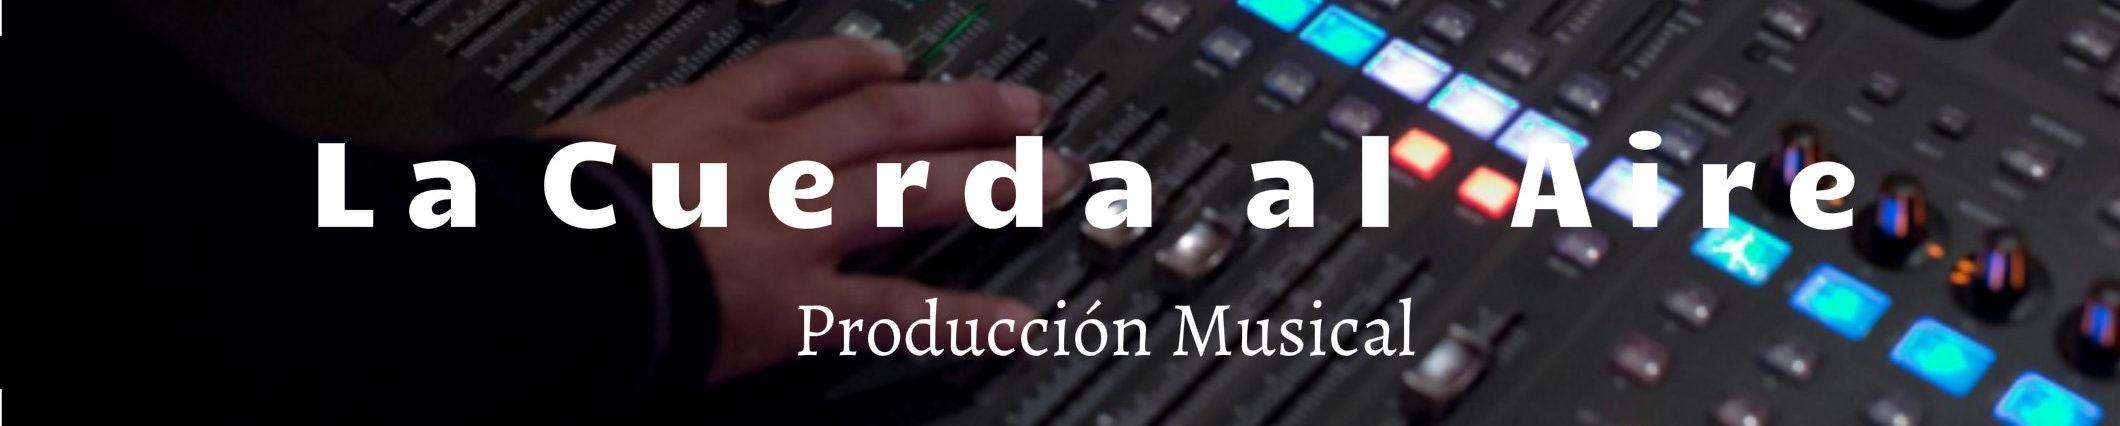 Producción Musical y Partituras – La Cuerda al Aire